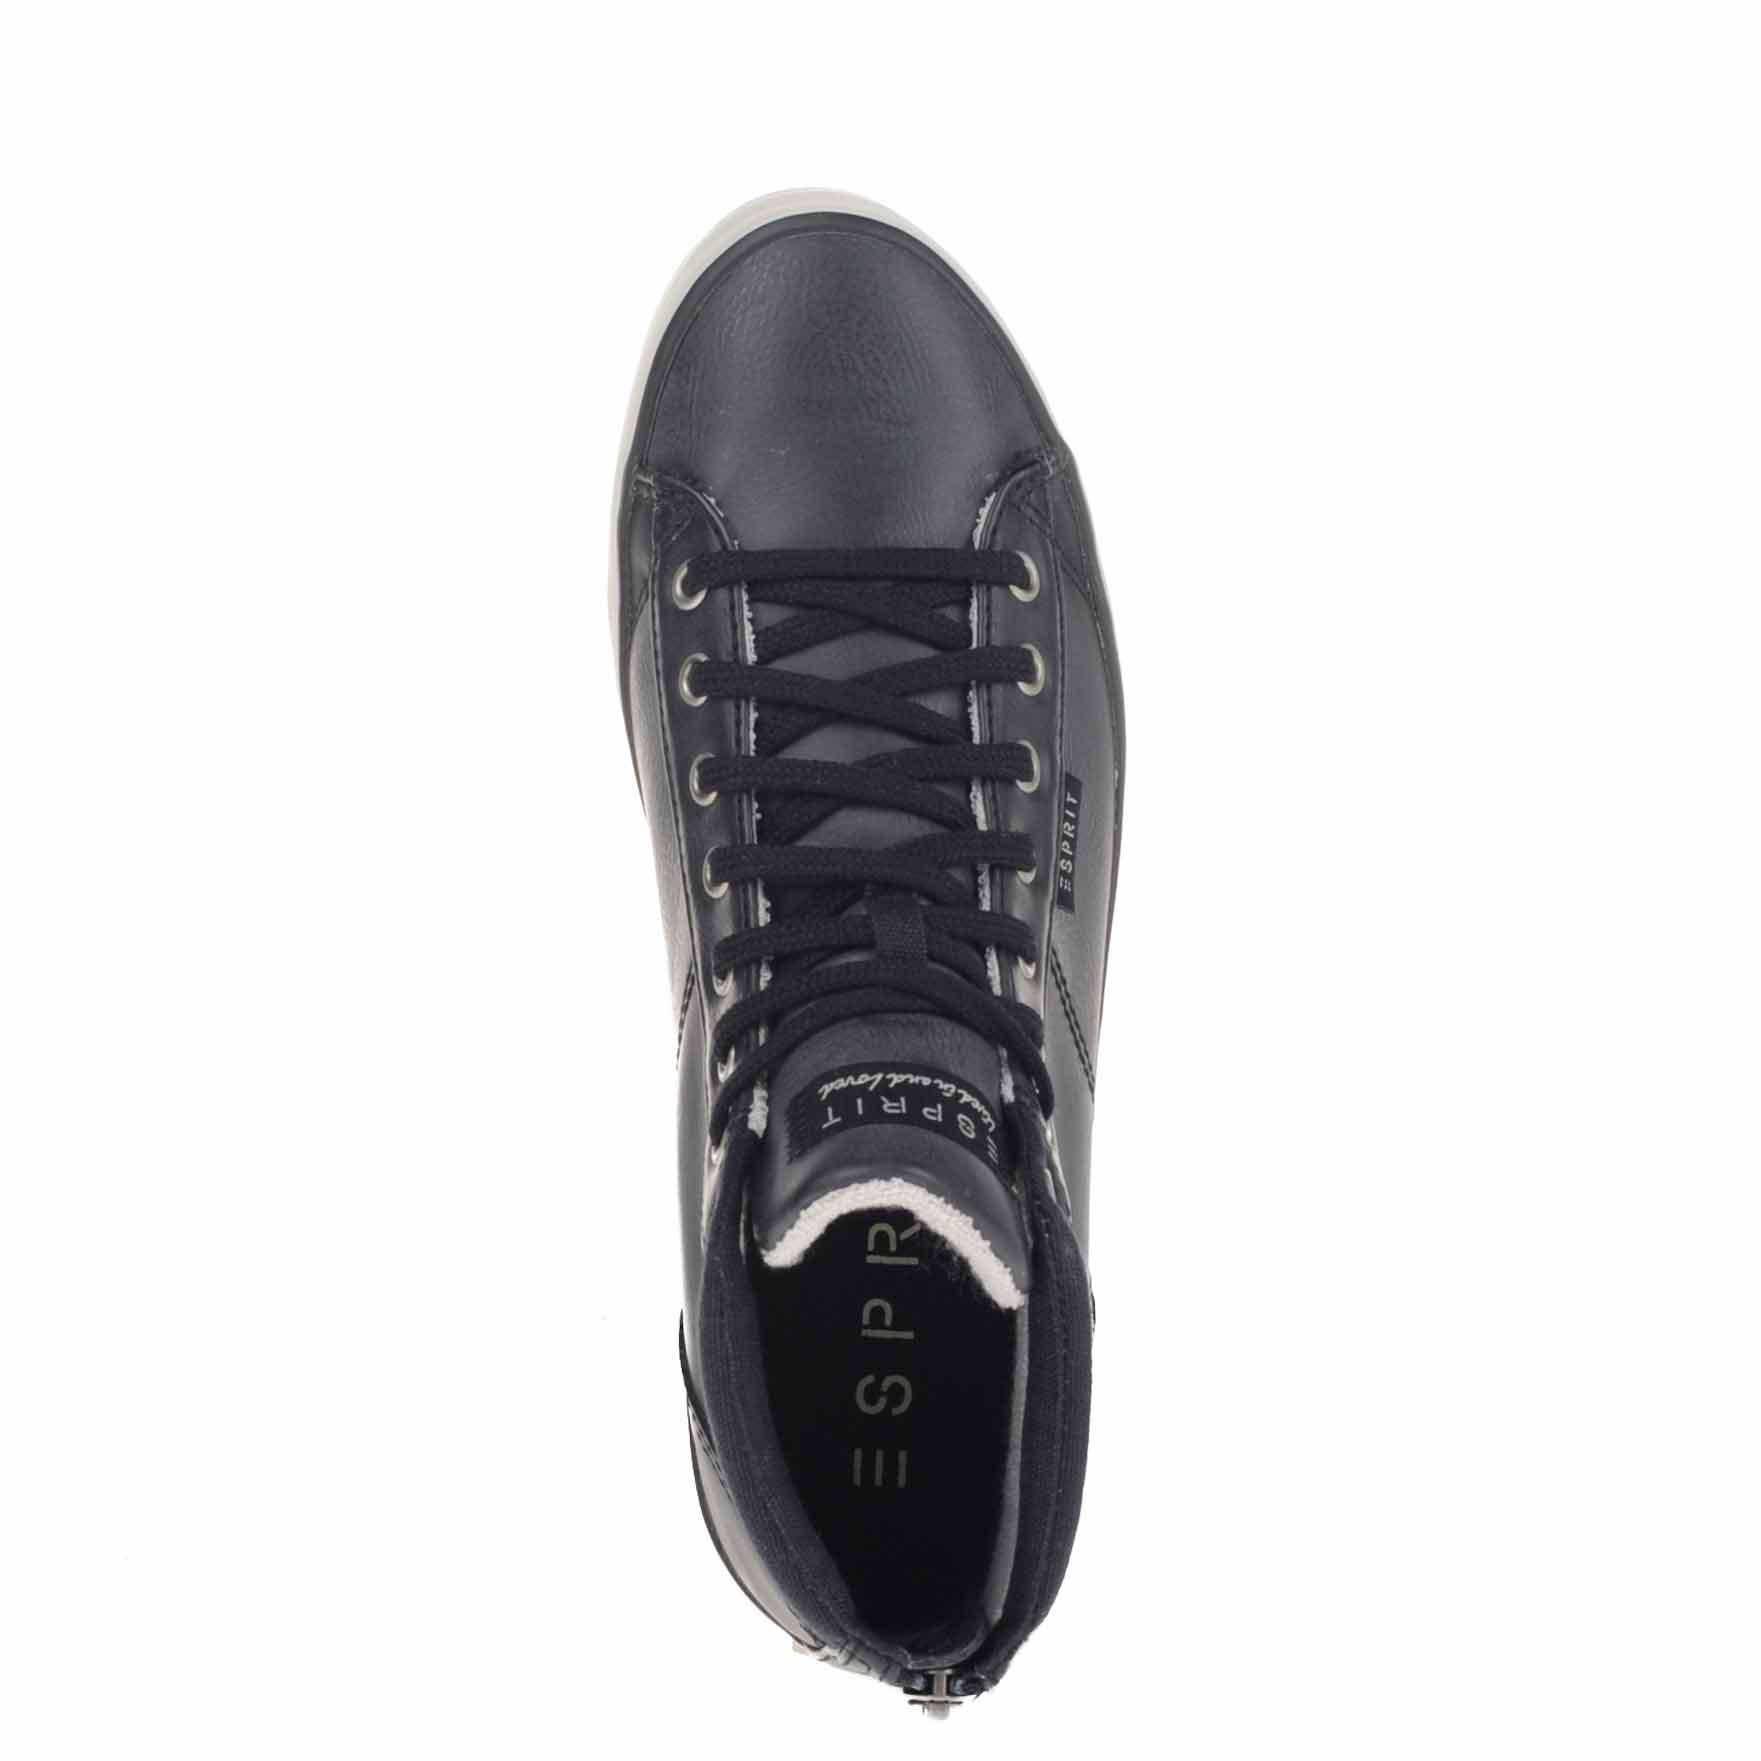 Chaussures Noires Esprit Avec Fermeture Éclair Pour Les Femmes sboH5FP8Tm